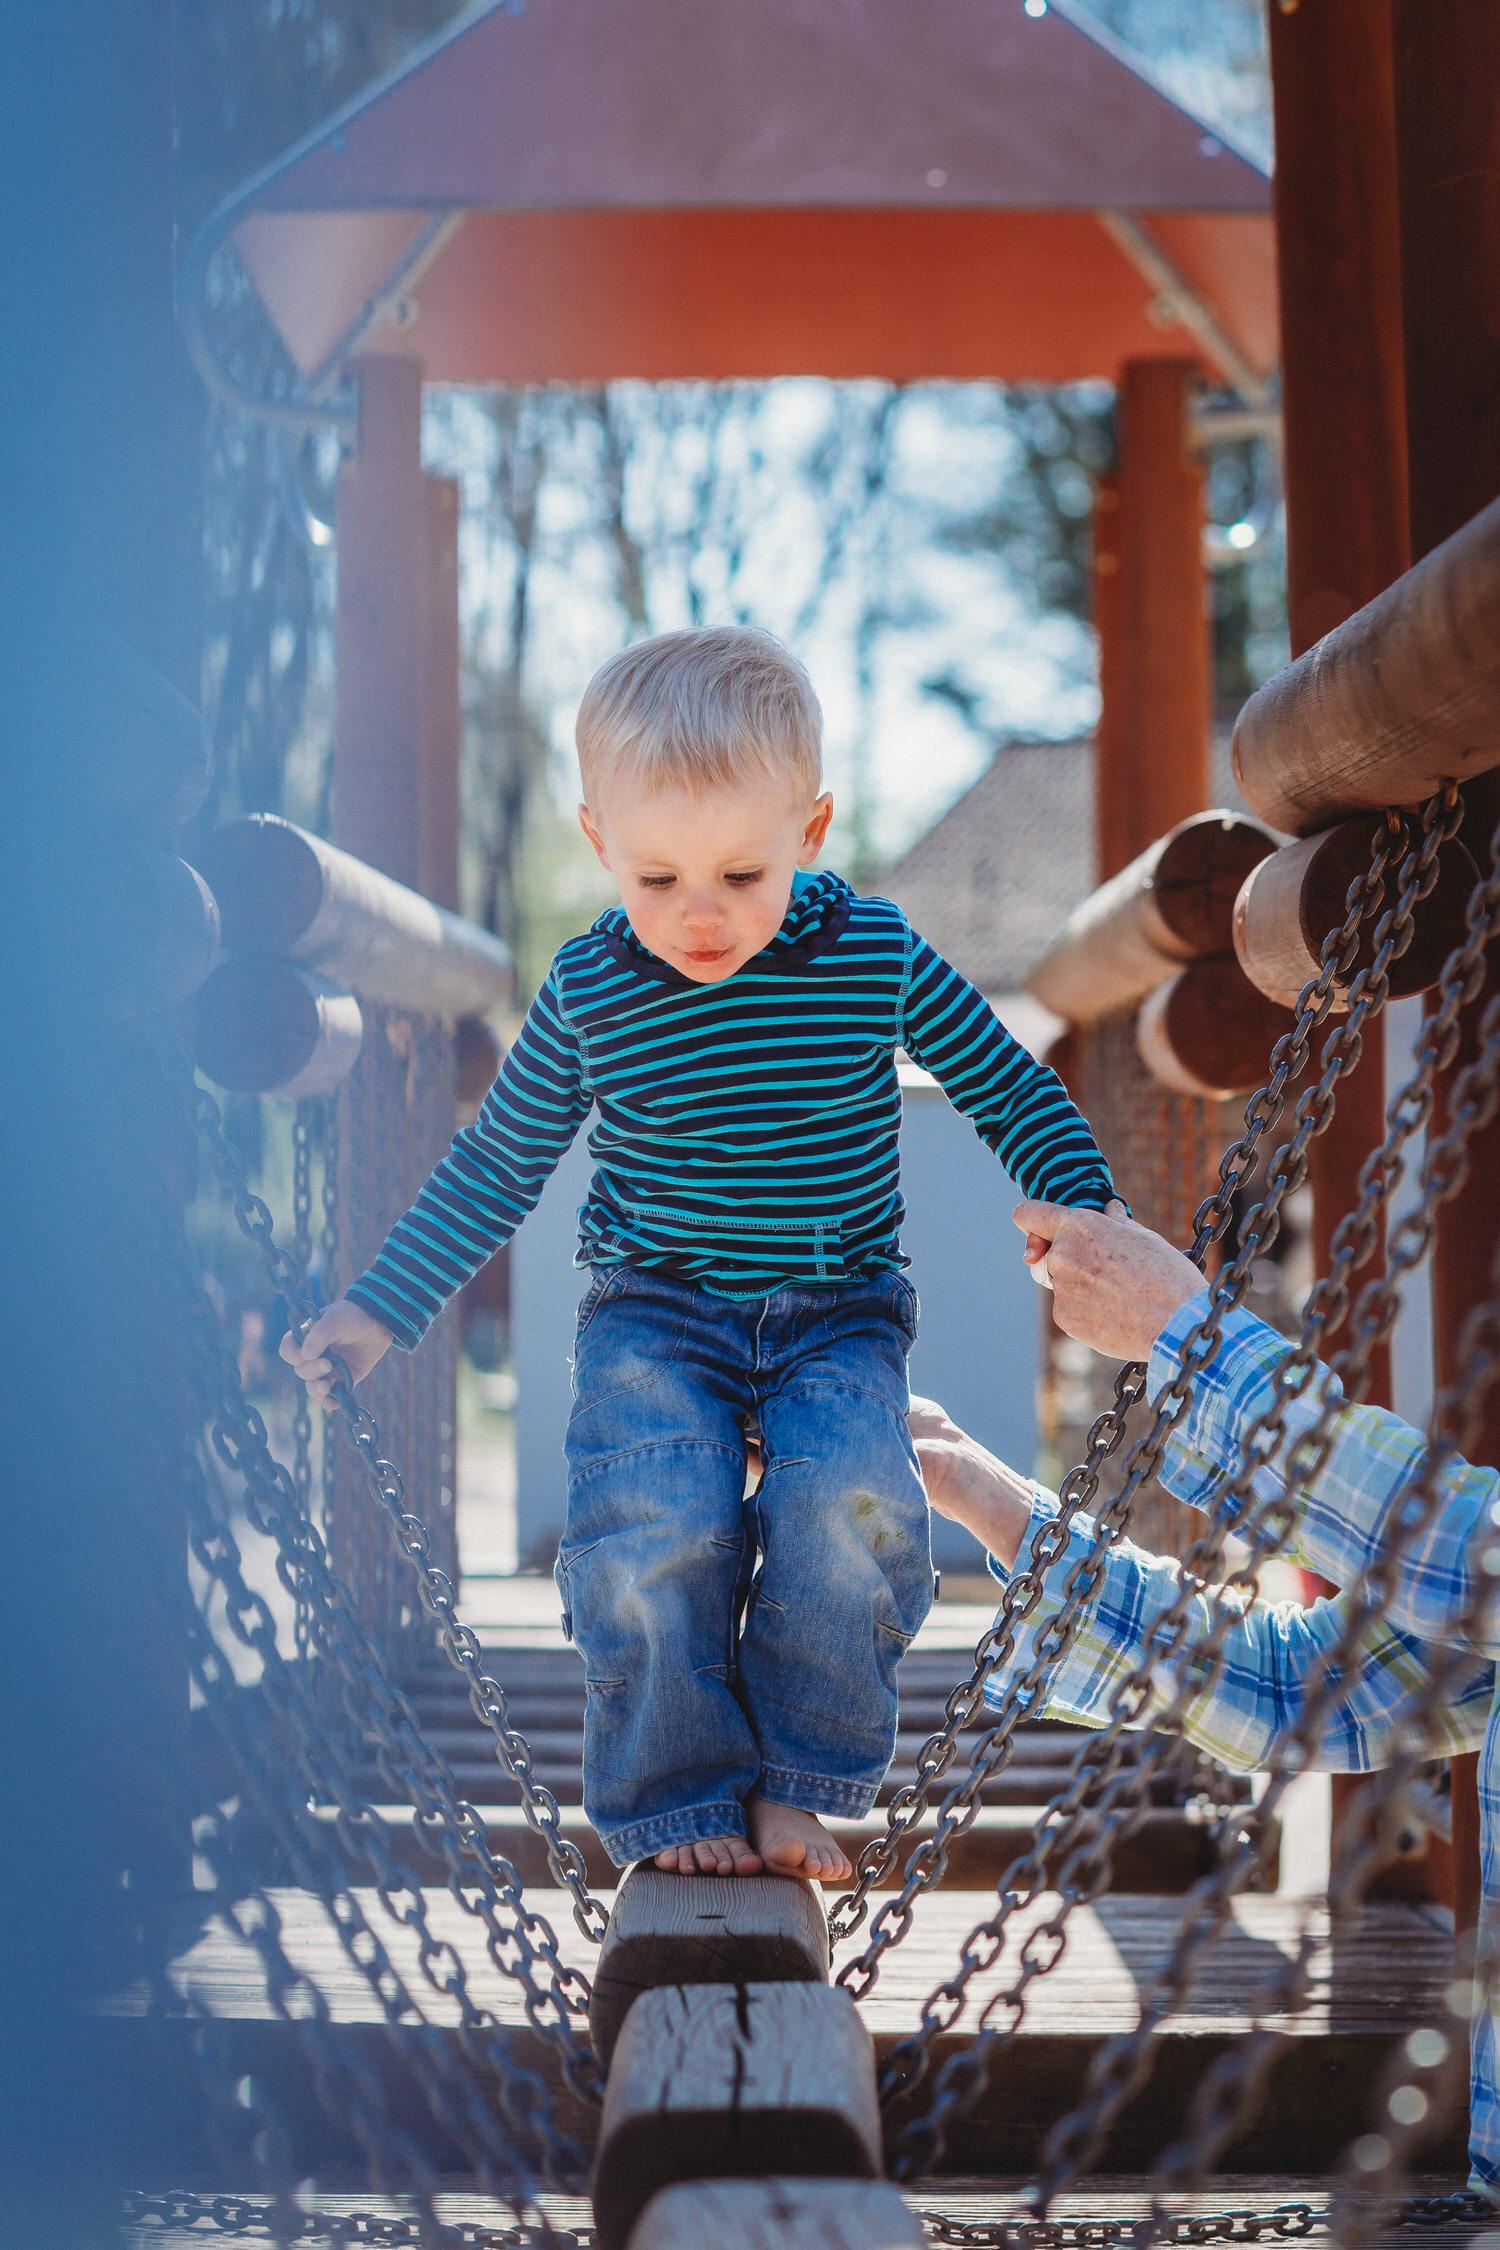 Balancieren auf dem Spielplatz